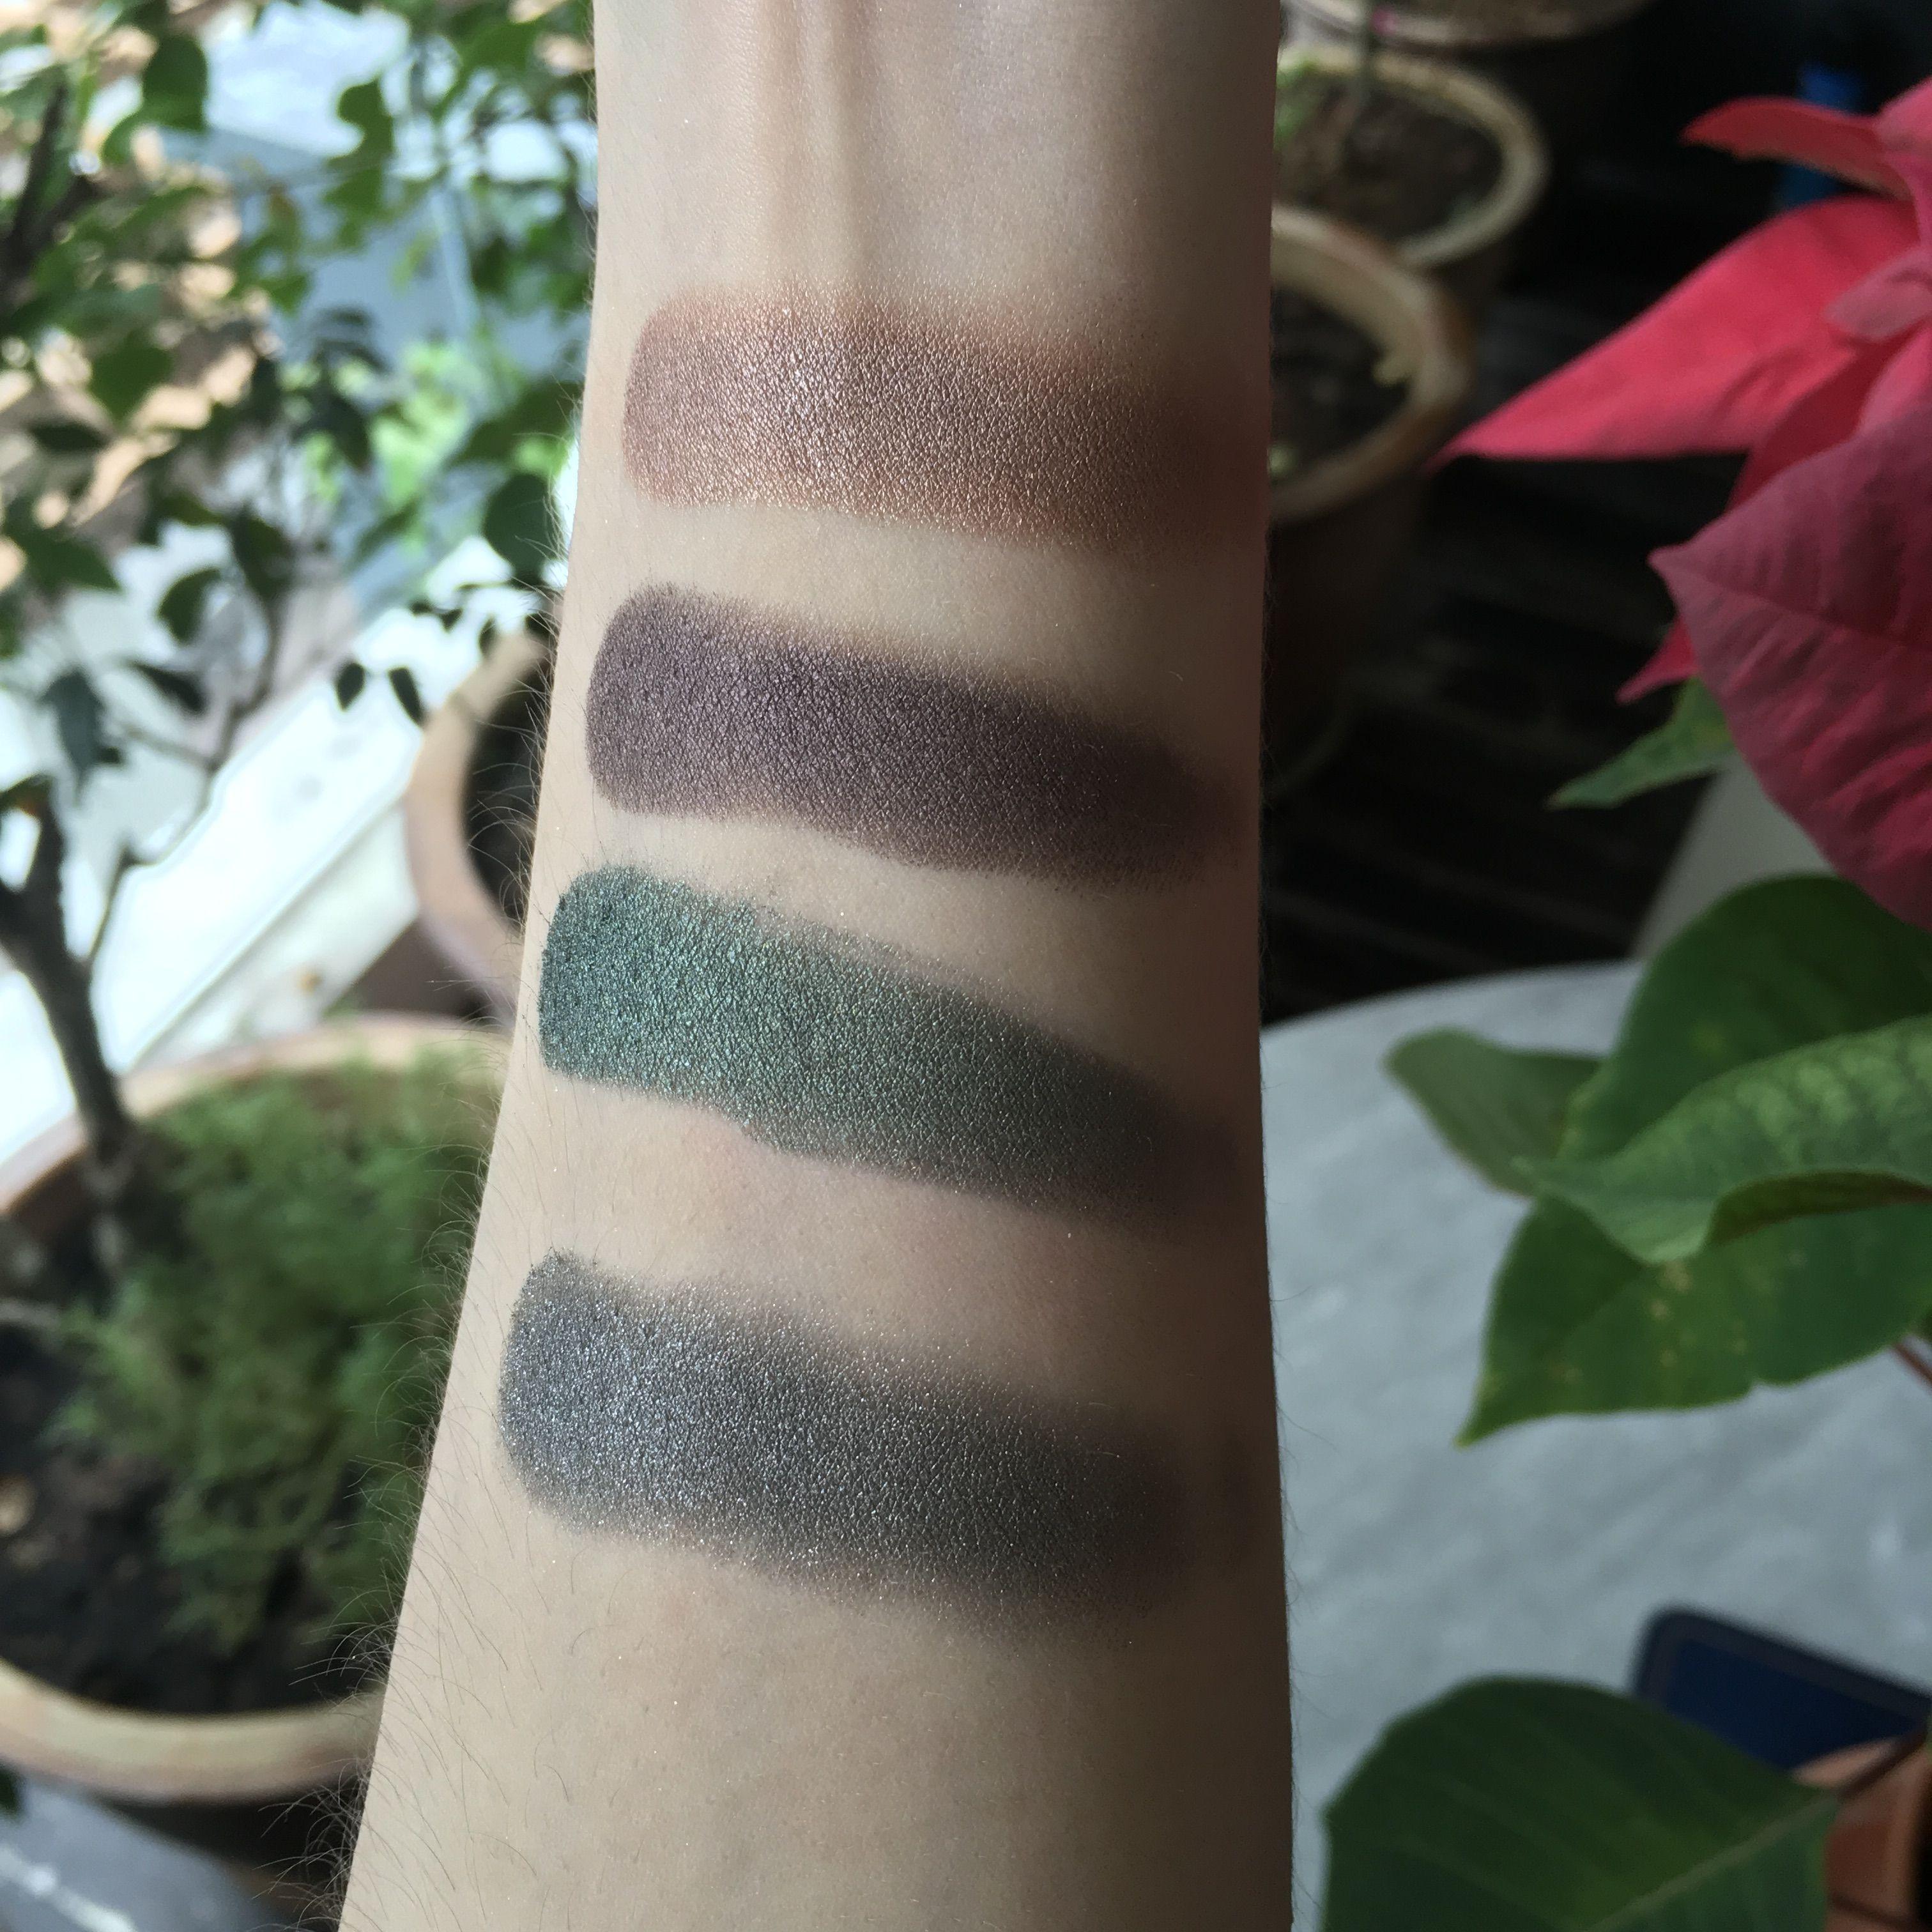 Bobbi Brown Luxe Eyeshadows In Metal Rose Liquid Mercury